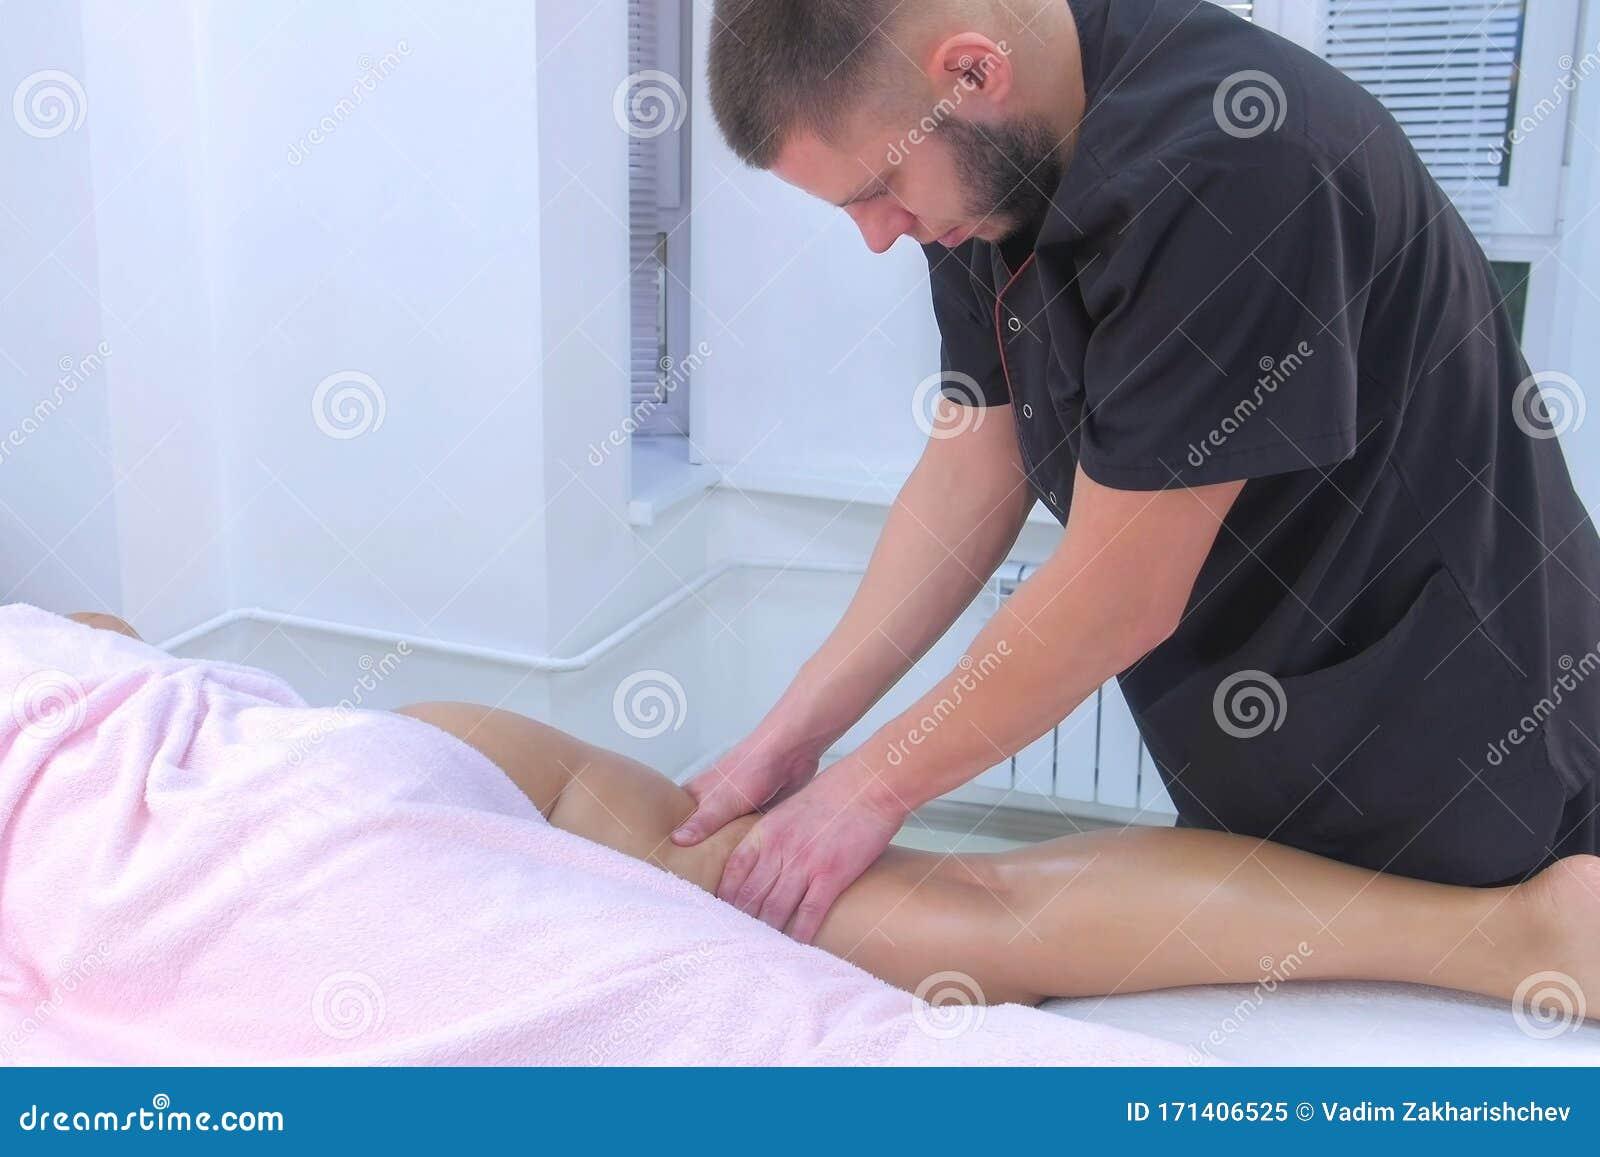 Sexy Booty Massage photo 25